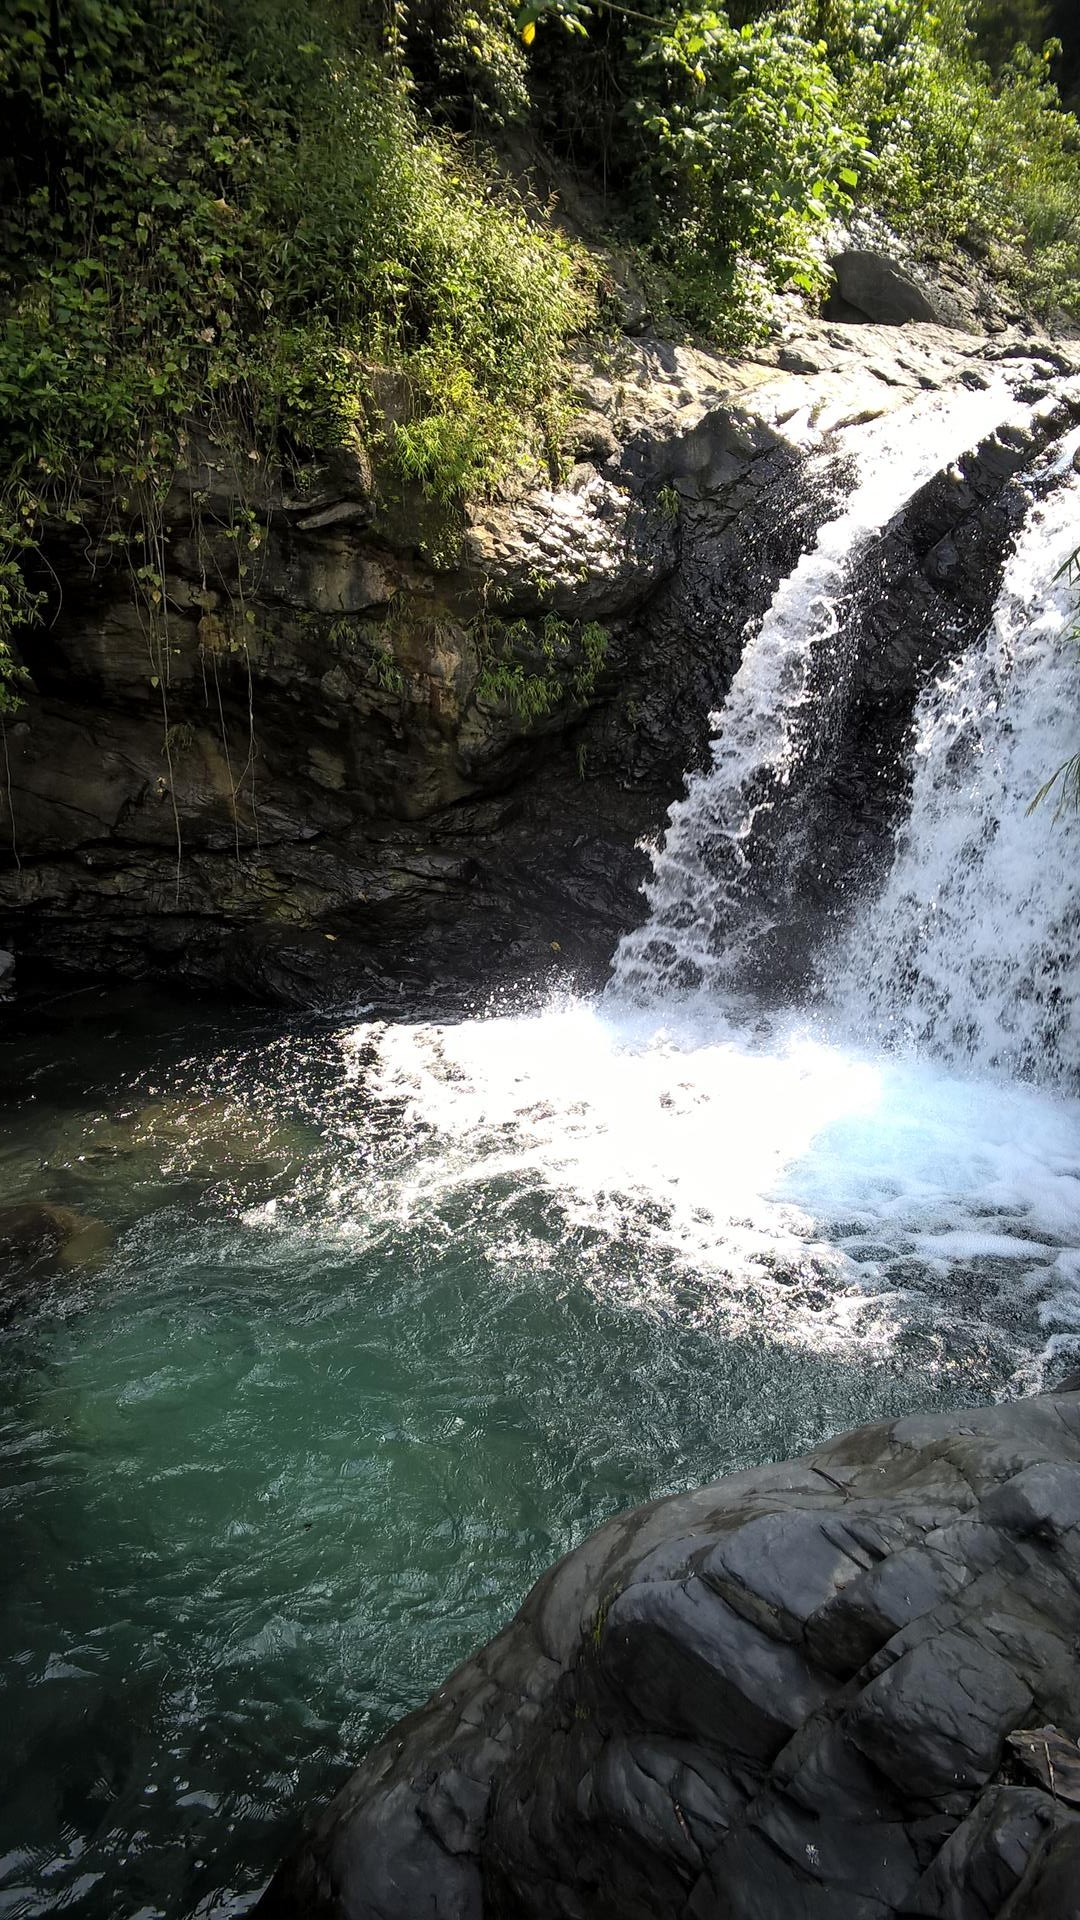 ... sehr schönen Wasserfall, wobei man dort...